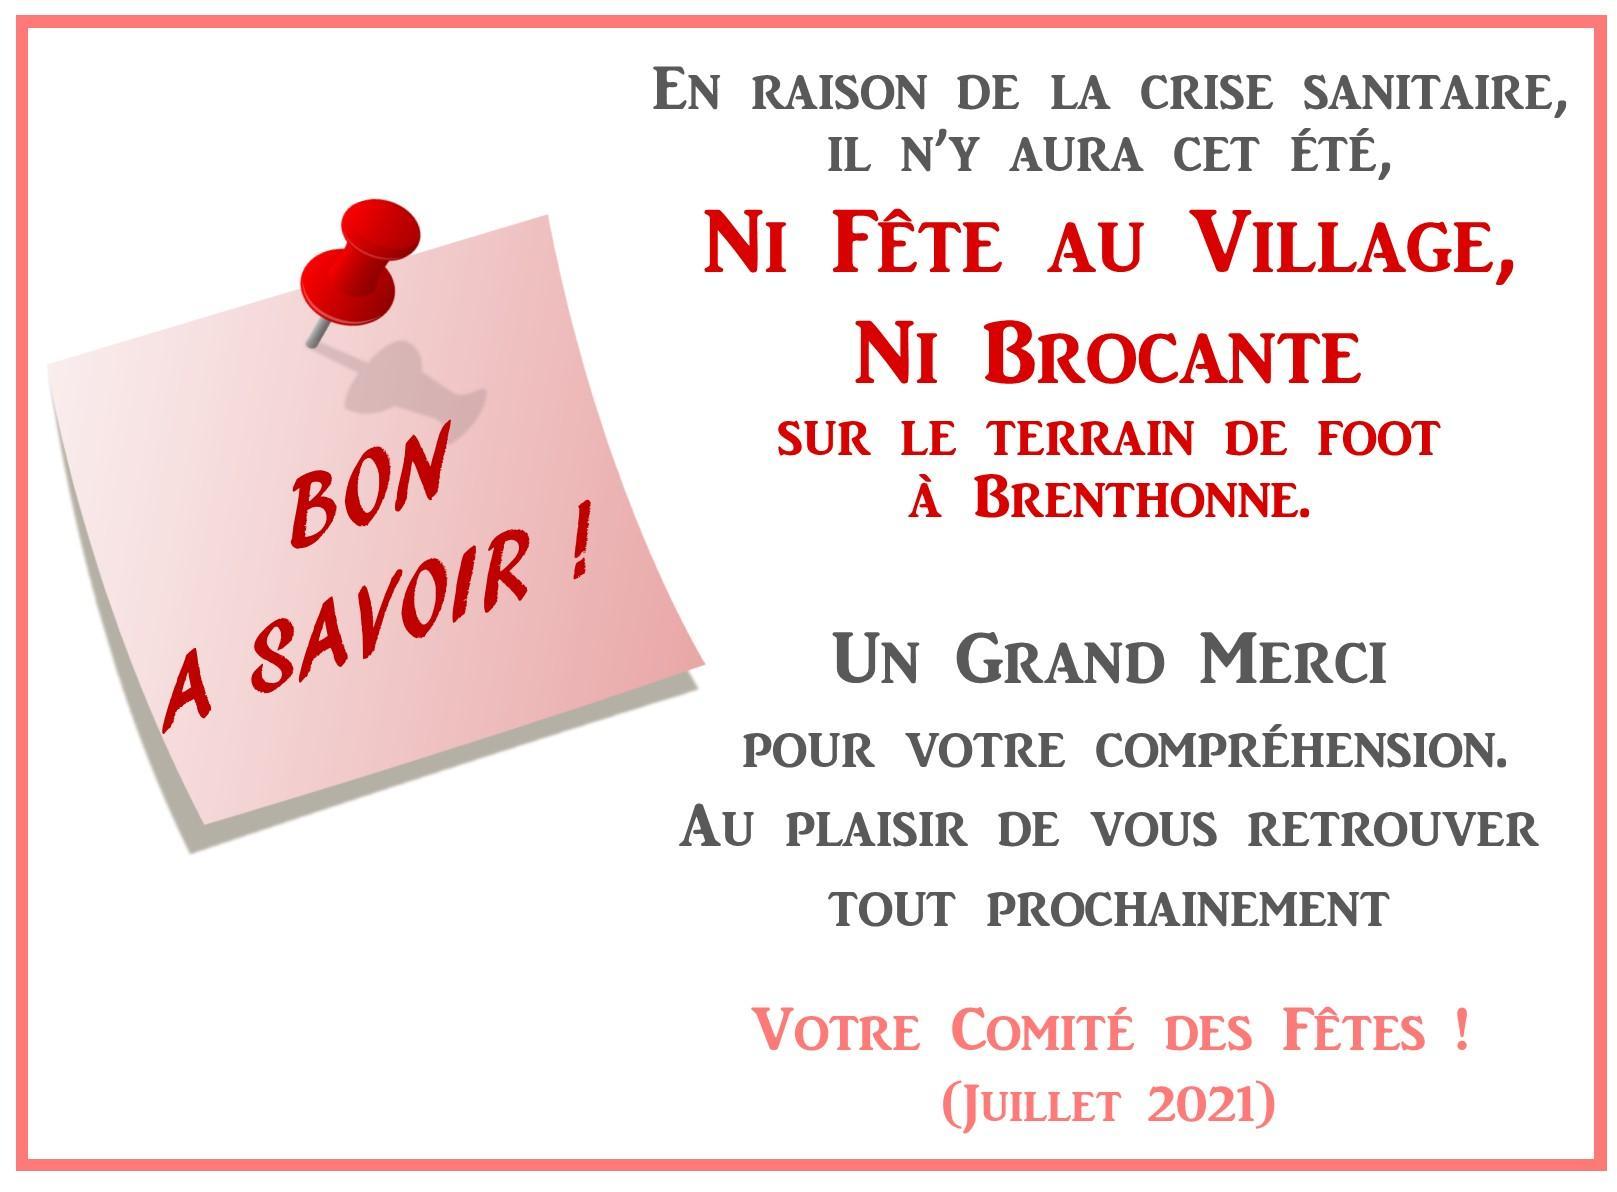 Bon a savoir post it 1